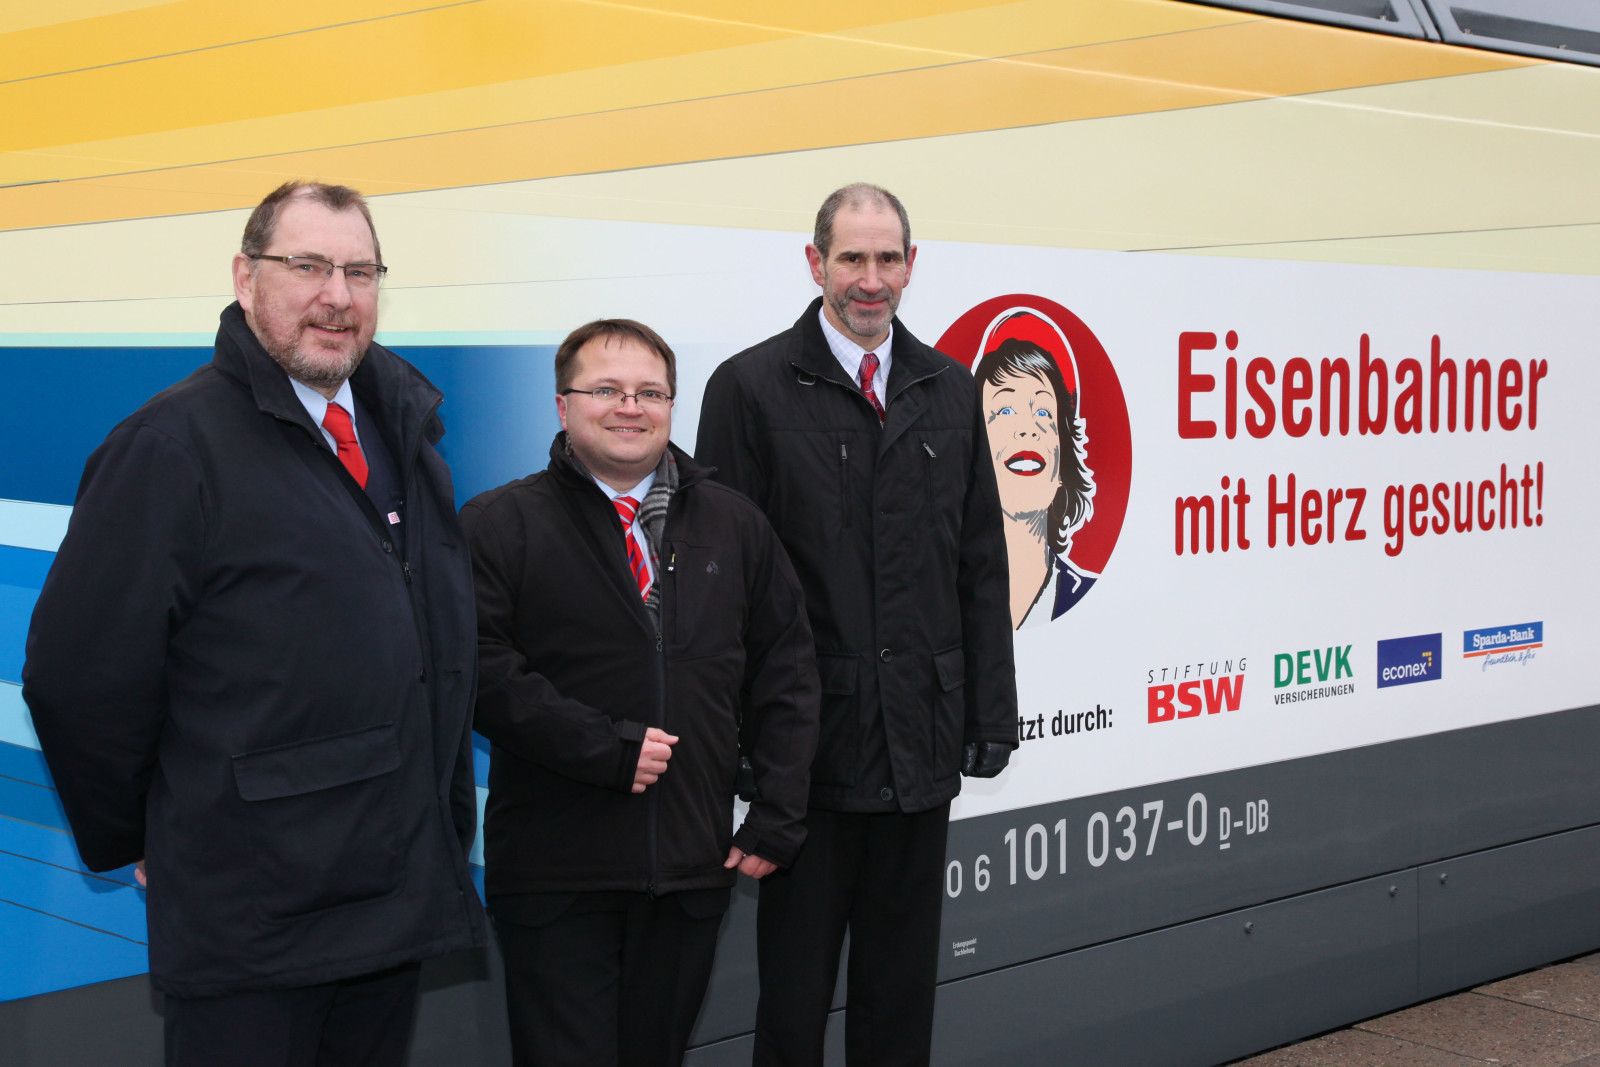 Lokführer Jürgen Baatz und die Unterstützer des Wettbewerbs